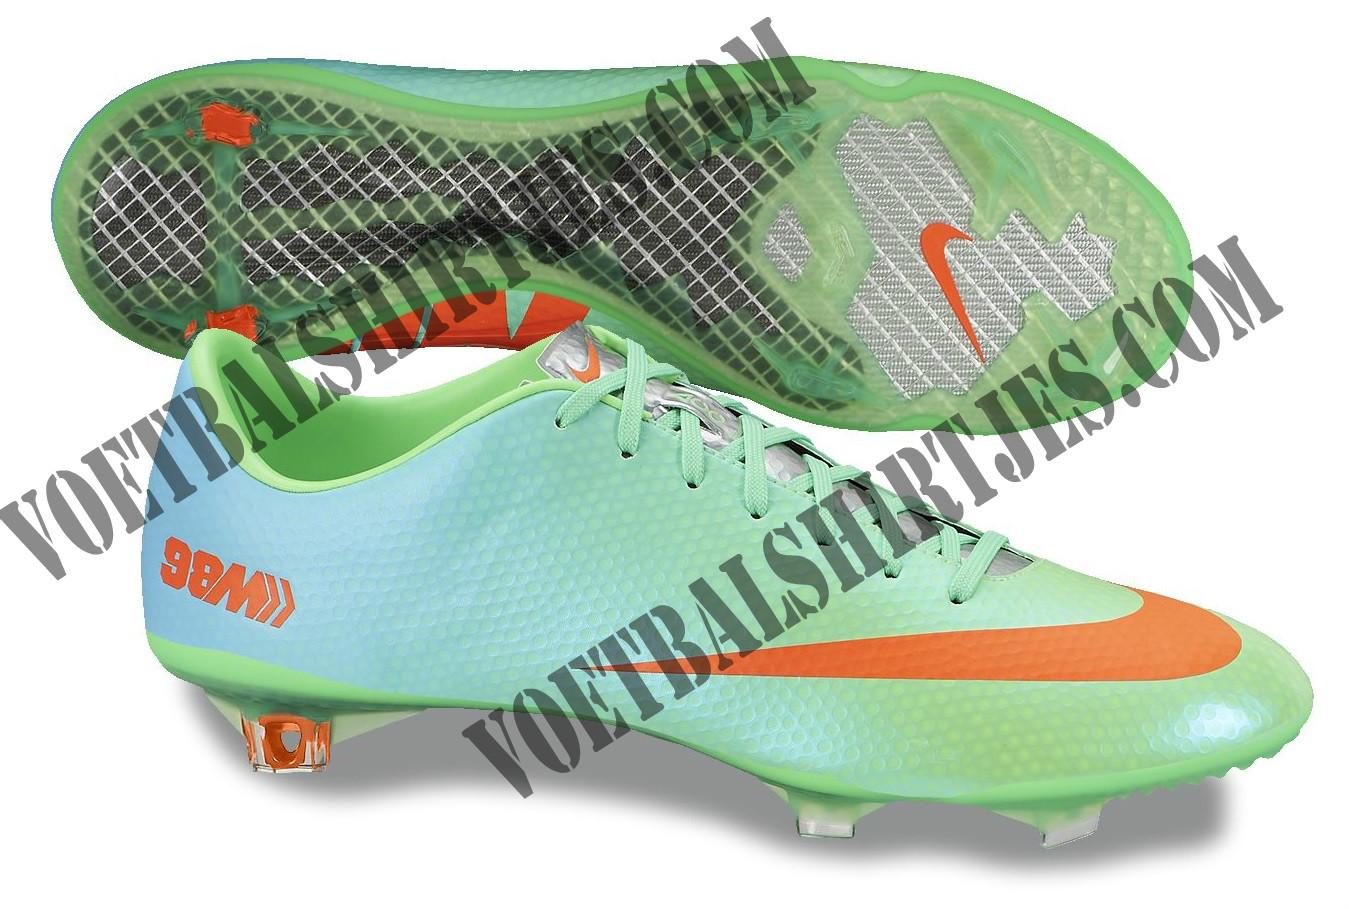 Nike Vapor 9 2014